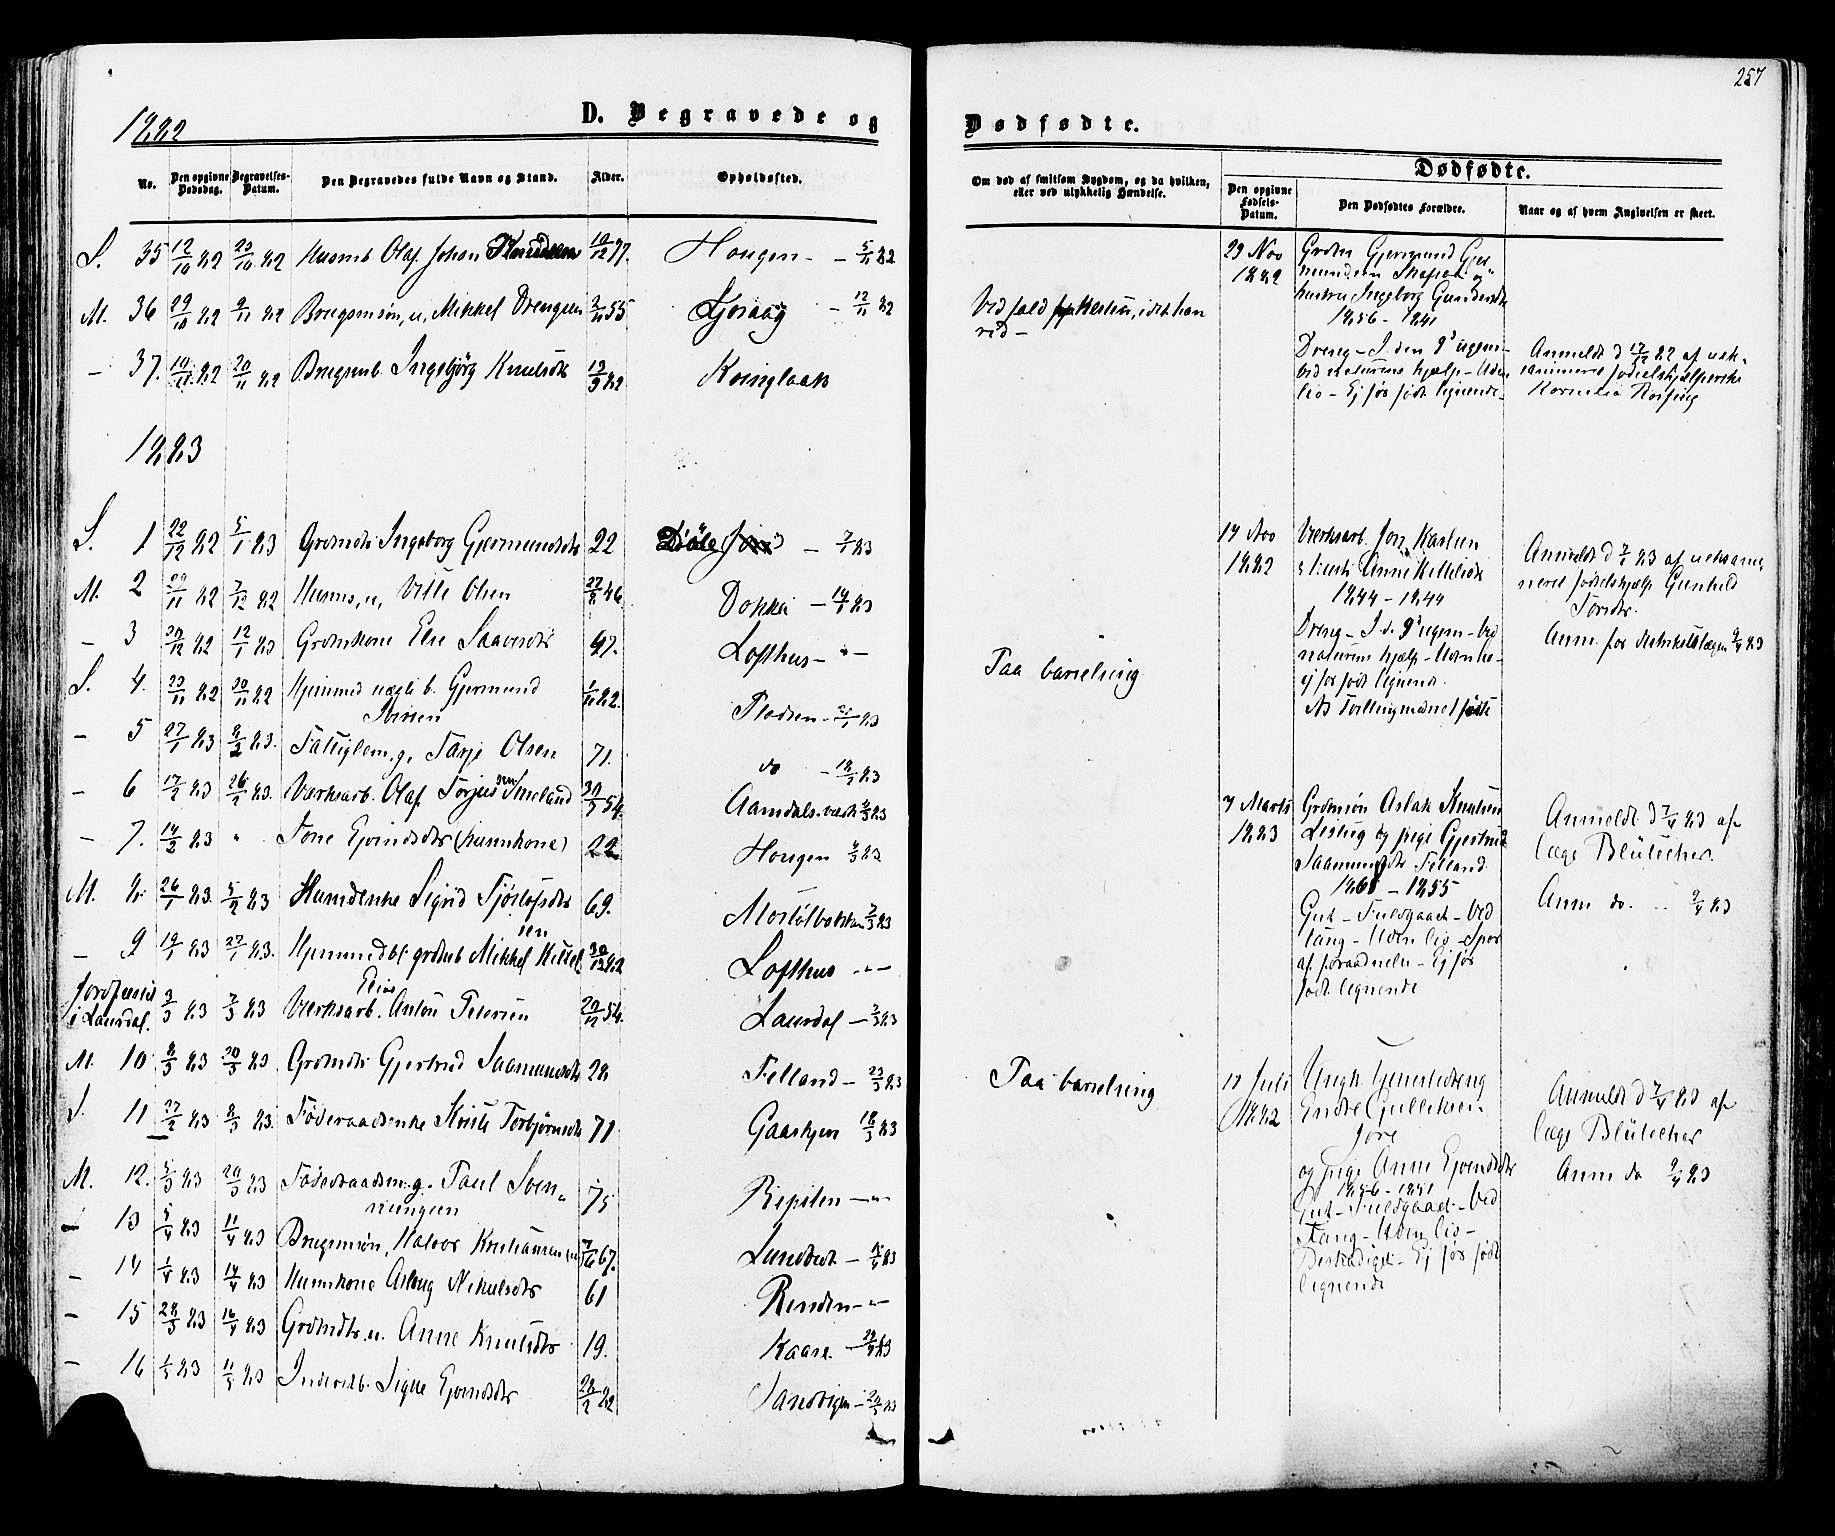 SAKO, Mo kirkebøker, F/Fa/L0006: Ministerialbok nr. I 6, 1865-1885, s. 257